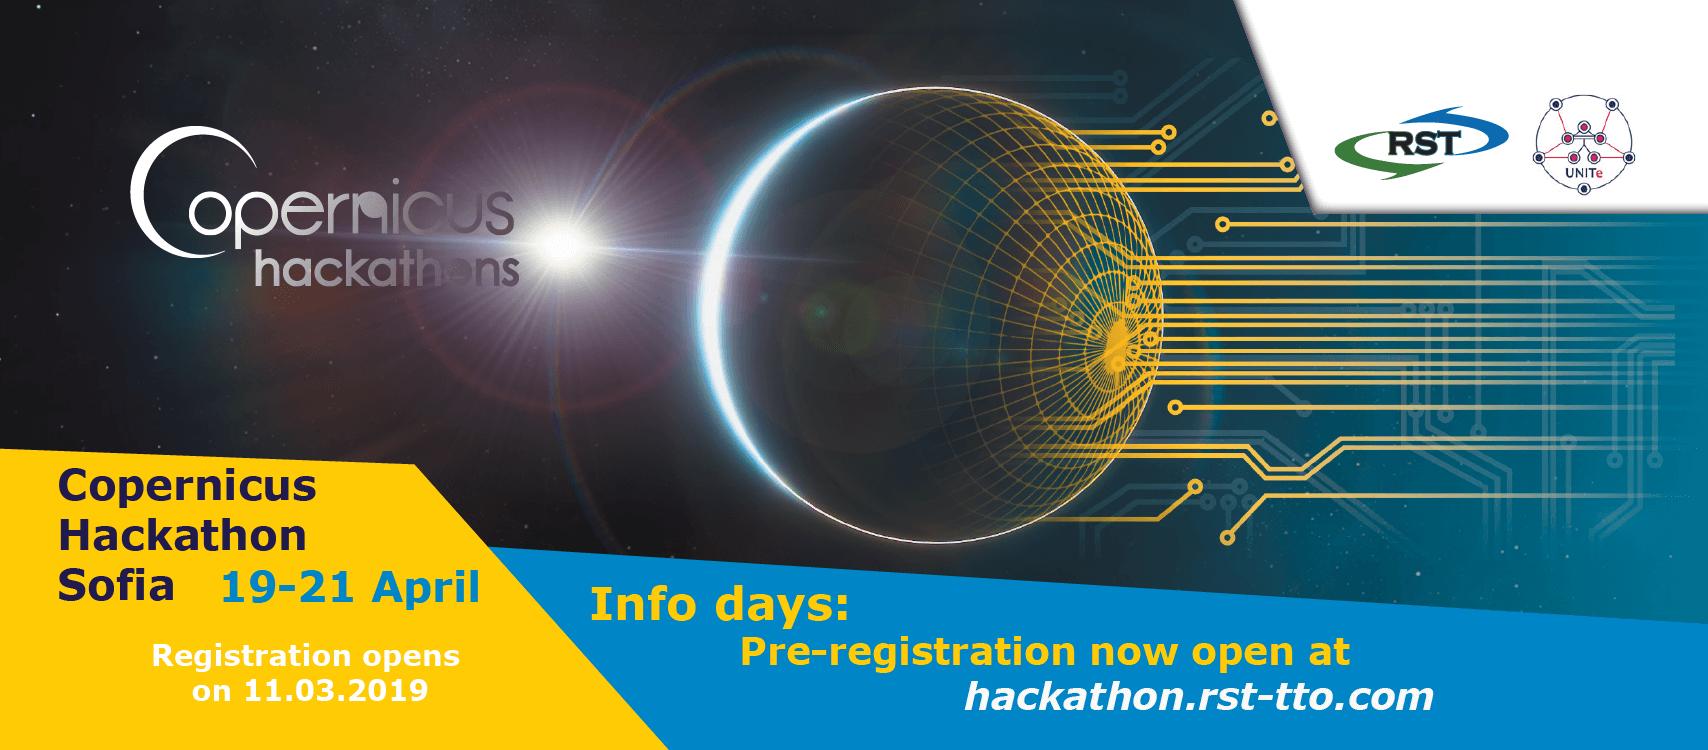 Включи се в Copernicus Hackathon Sofia!